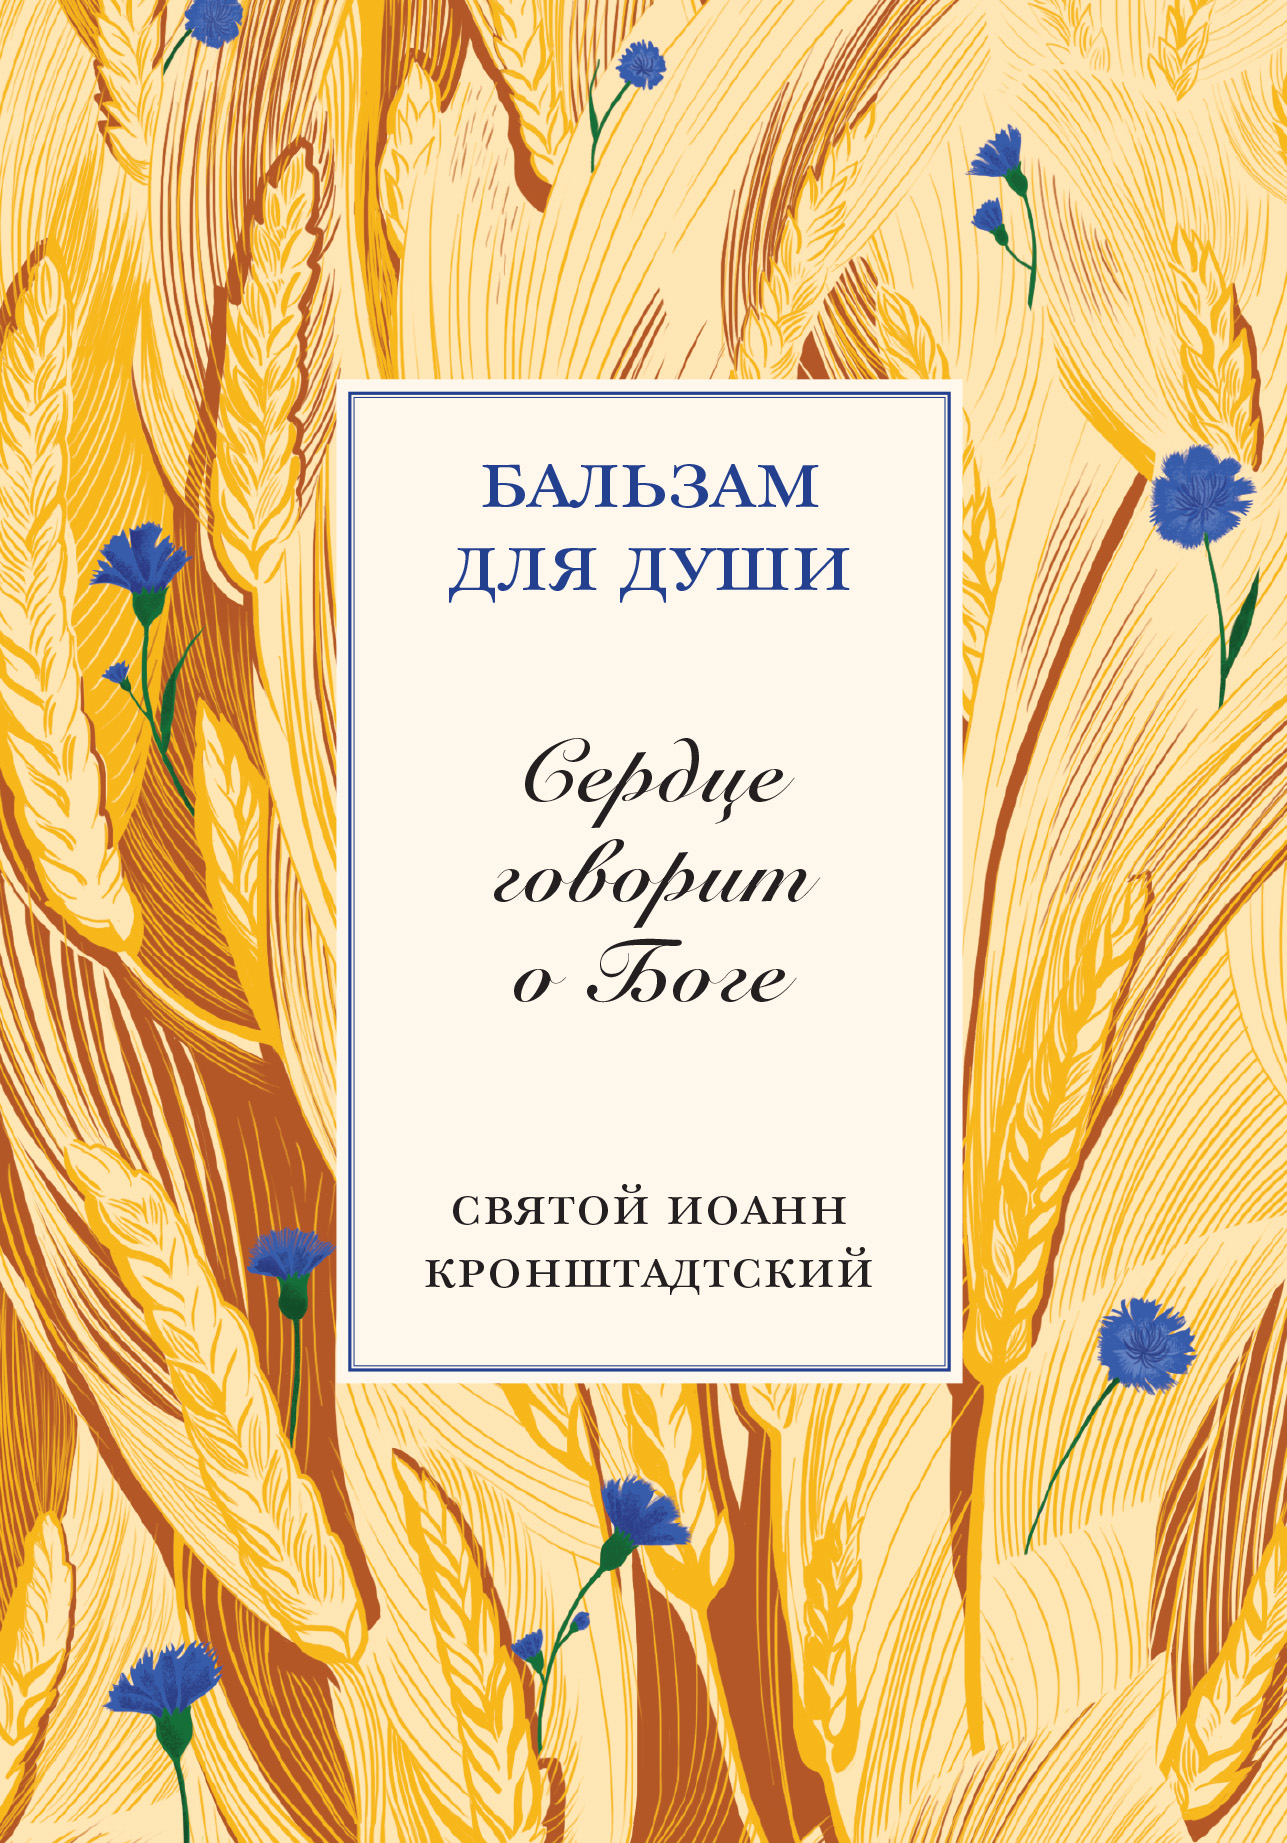 cвятой праведный Иоанн Кронштадтский Сердце говорит о Боге